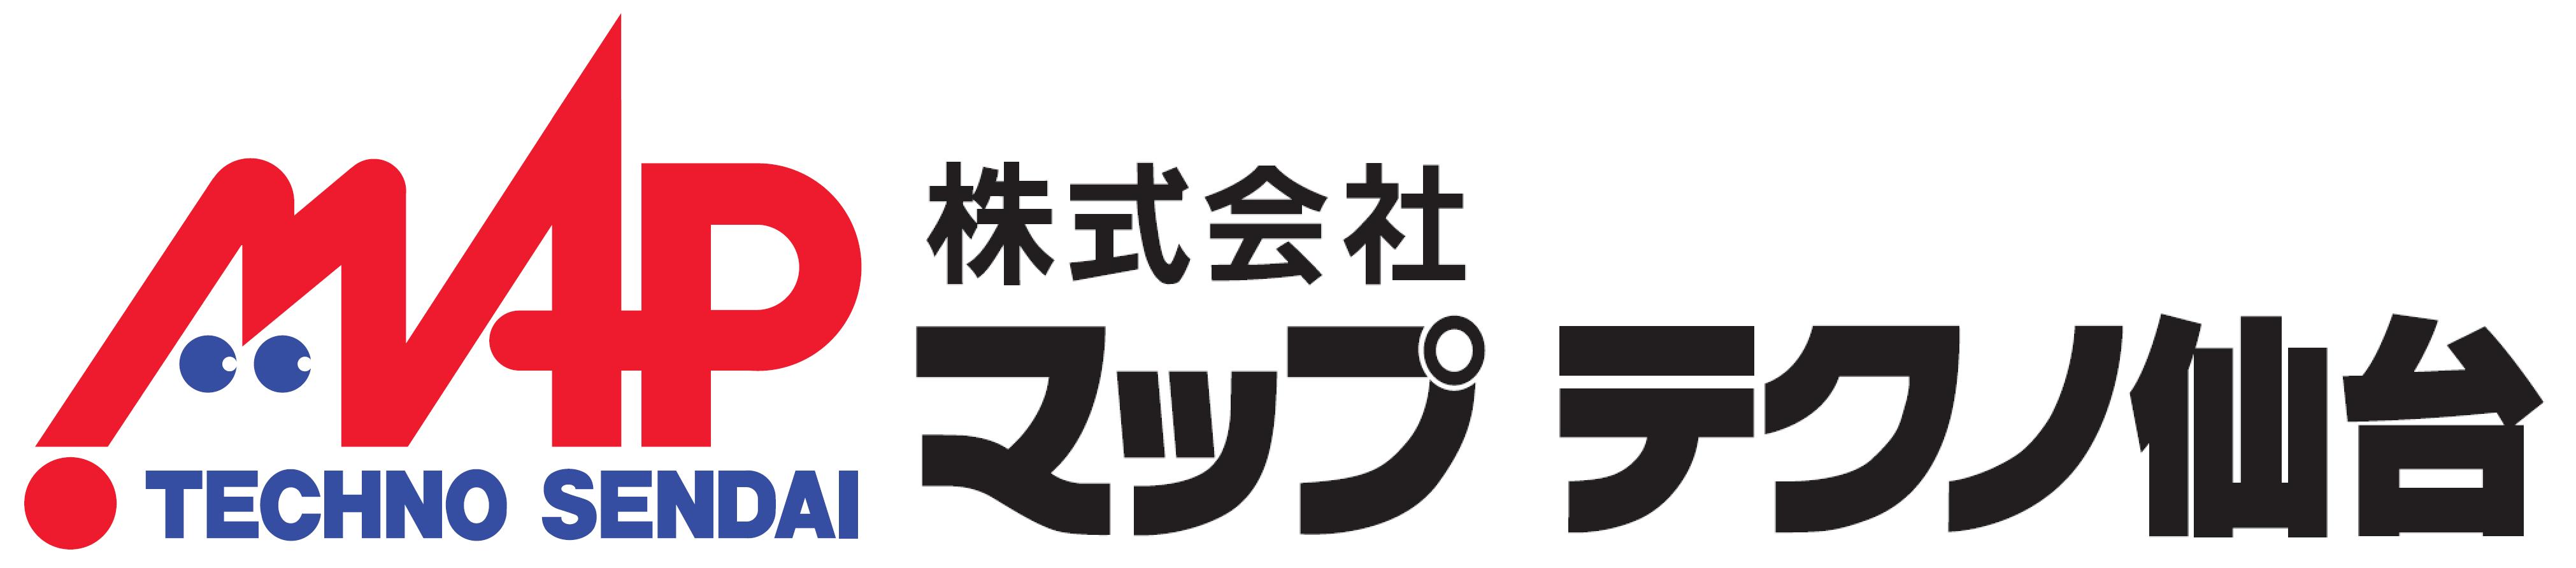 株式会社マップテクノ仙台